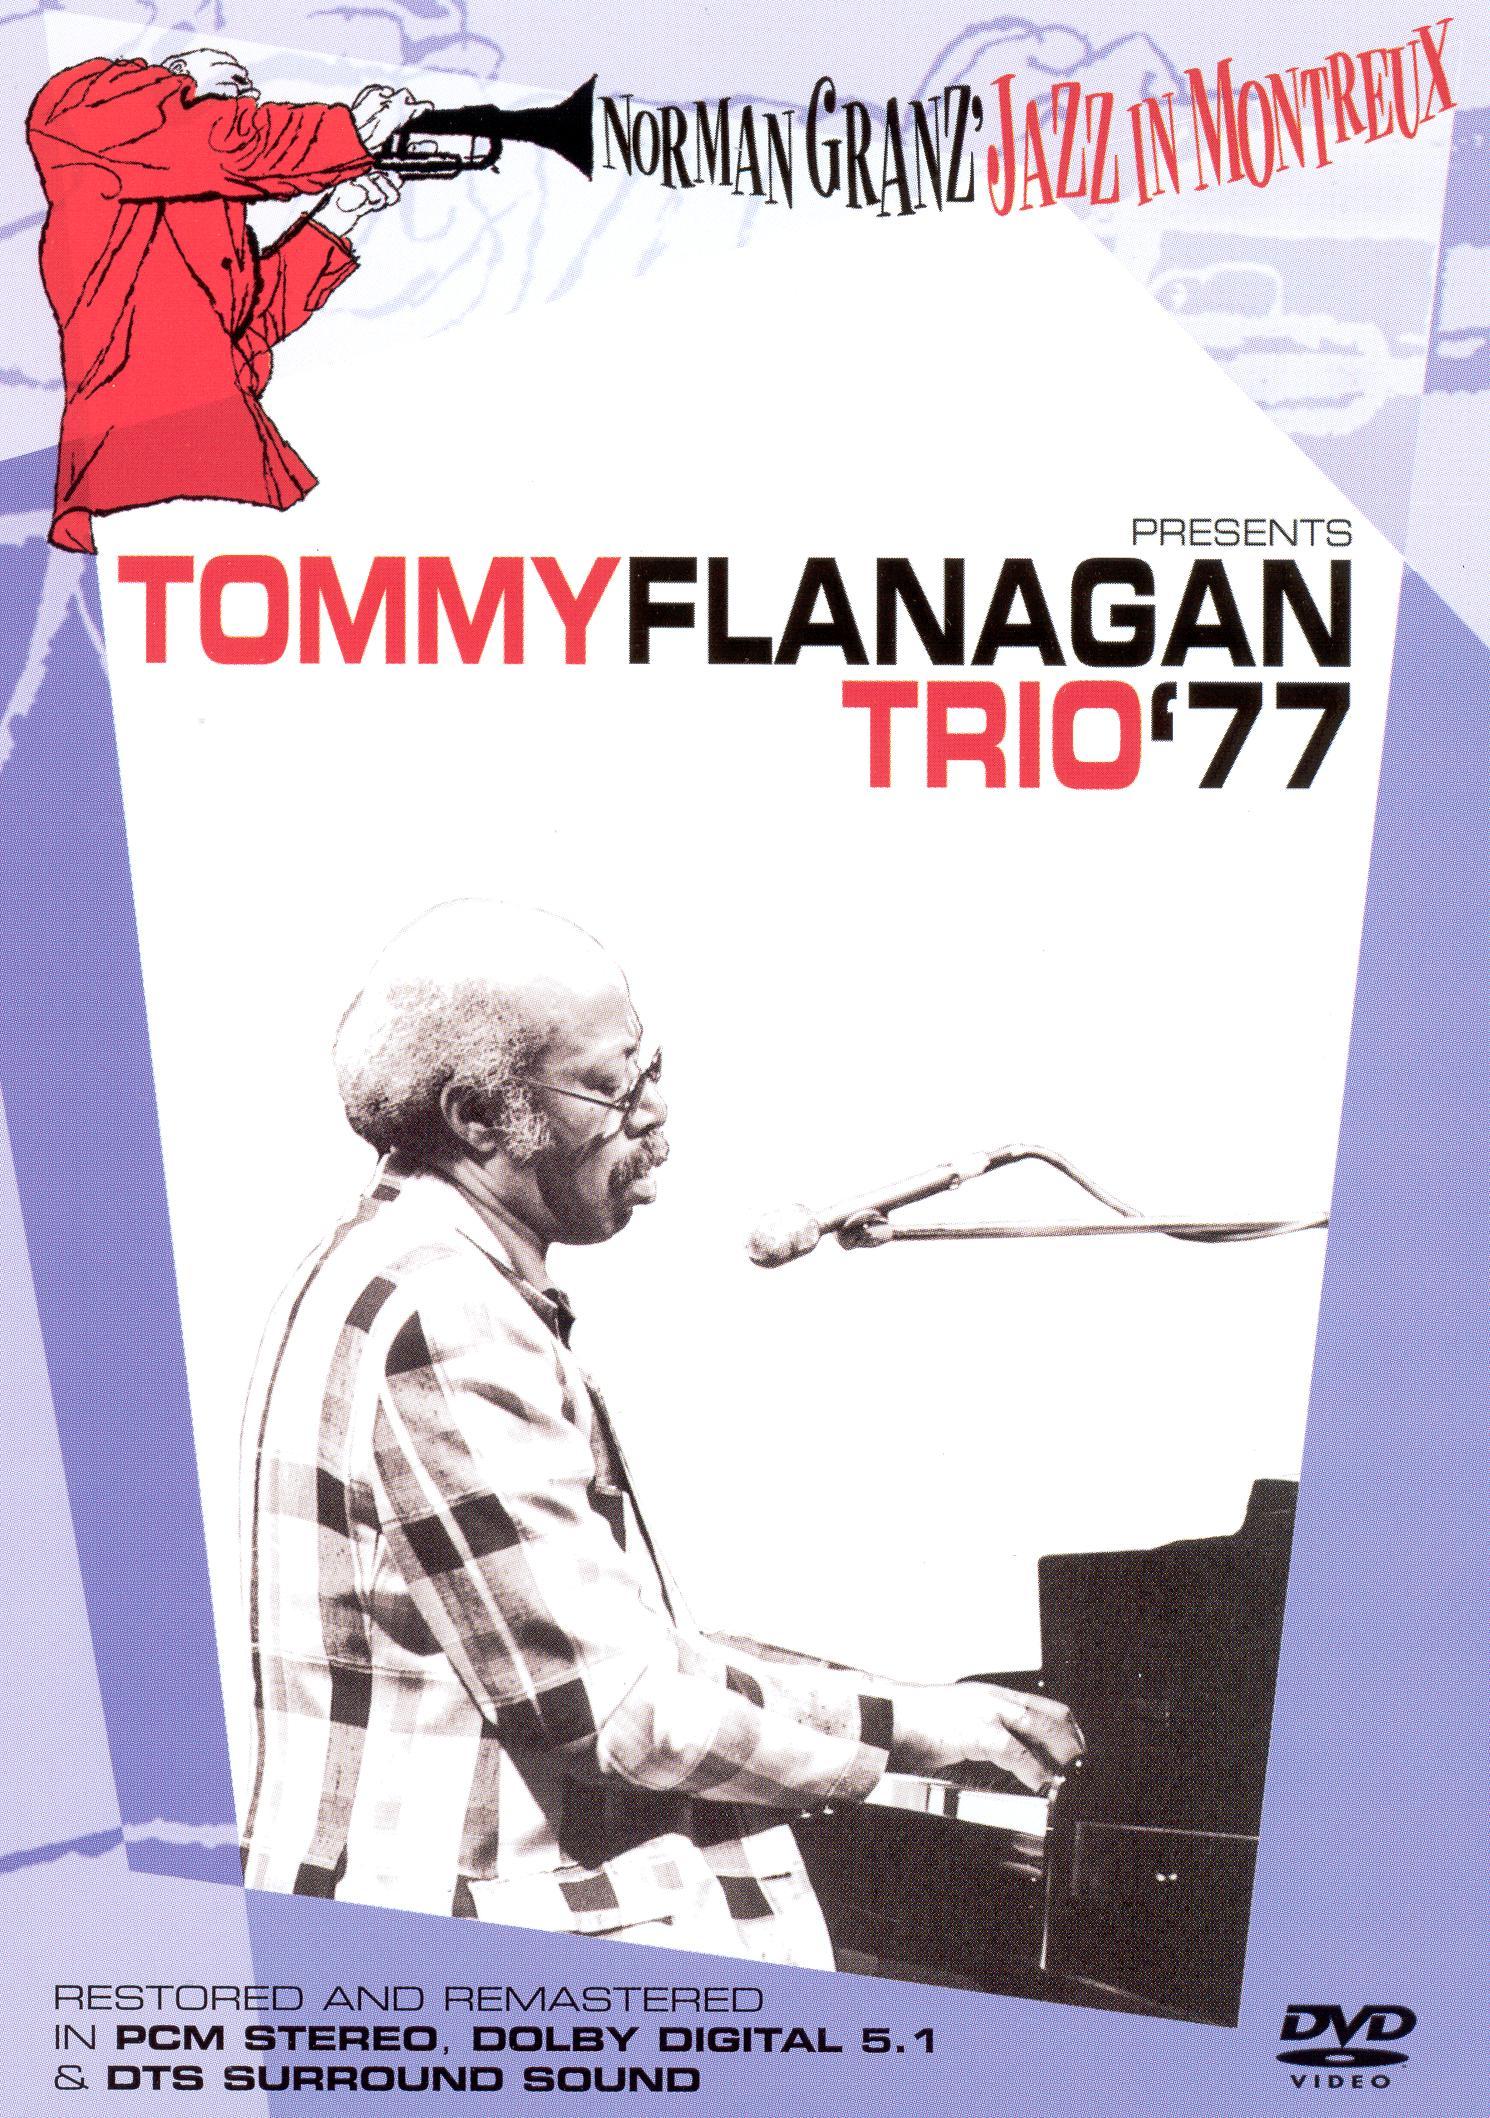 Norman Granz' Jazz in Montreux: Tommy Flanagan Trio '77